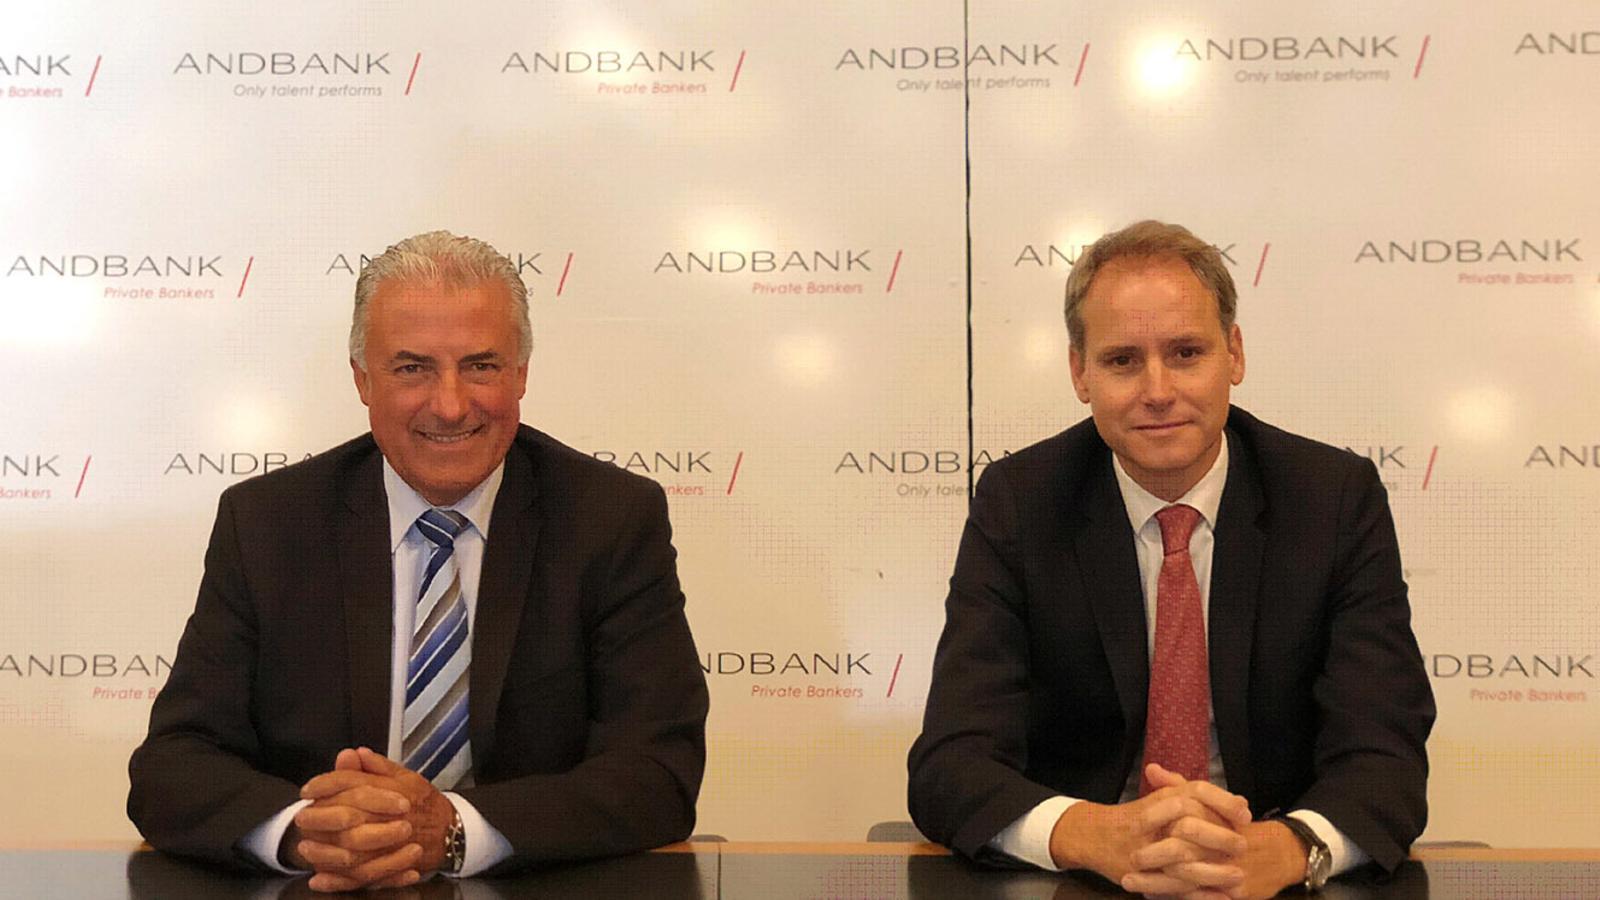 El sotsdirector general de Banca País d'Andbank, Josep Maria Cabanes i l'economista en cap de l'entitat, Álex Fusté després de la presentació de l'Andbank Wealth. / ANDBANK